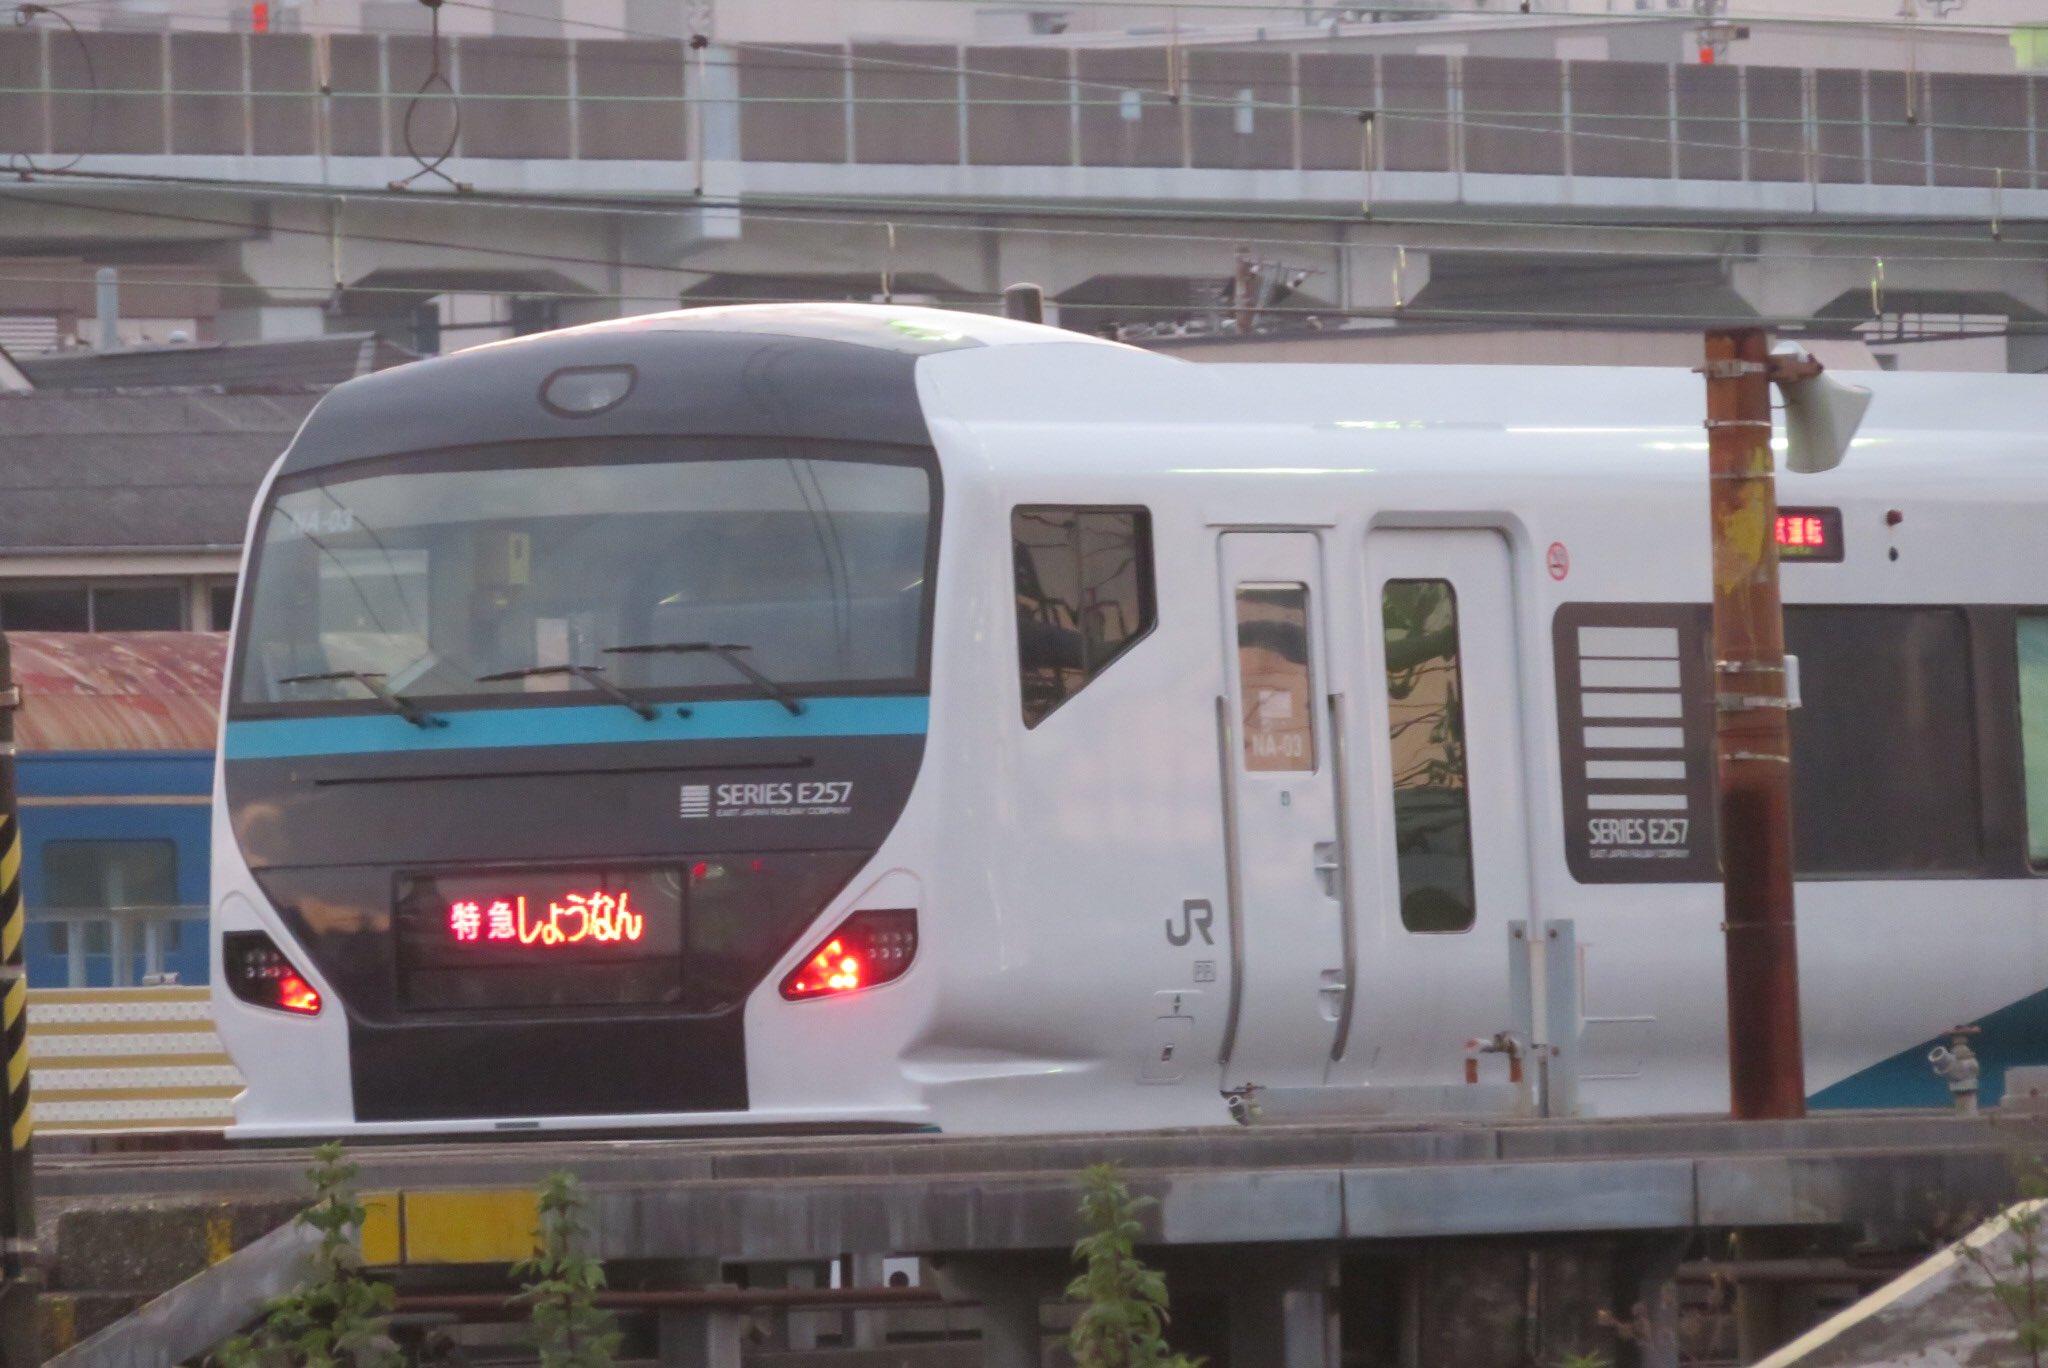 【JR東日本】E257系2000番台NA-03編成が「特急しょうなん」表示に まさかの漢字で「湘南」ではなくひらがな